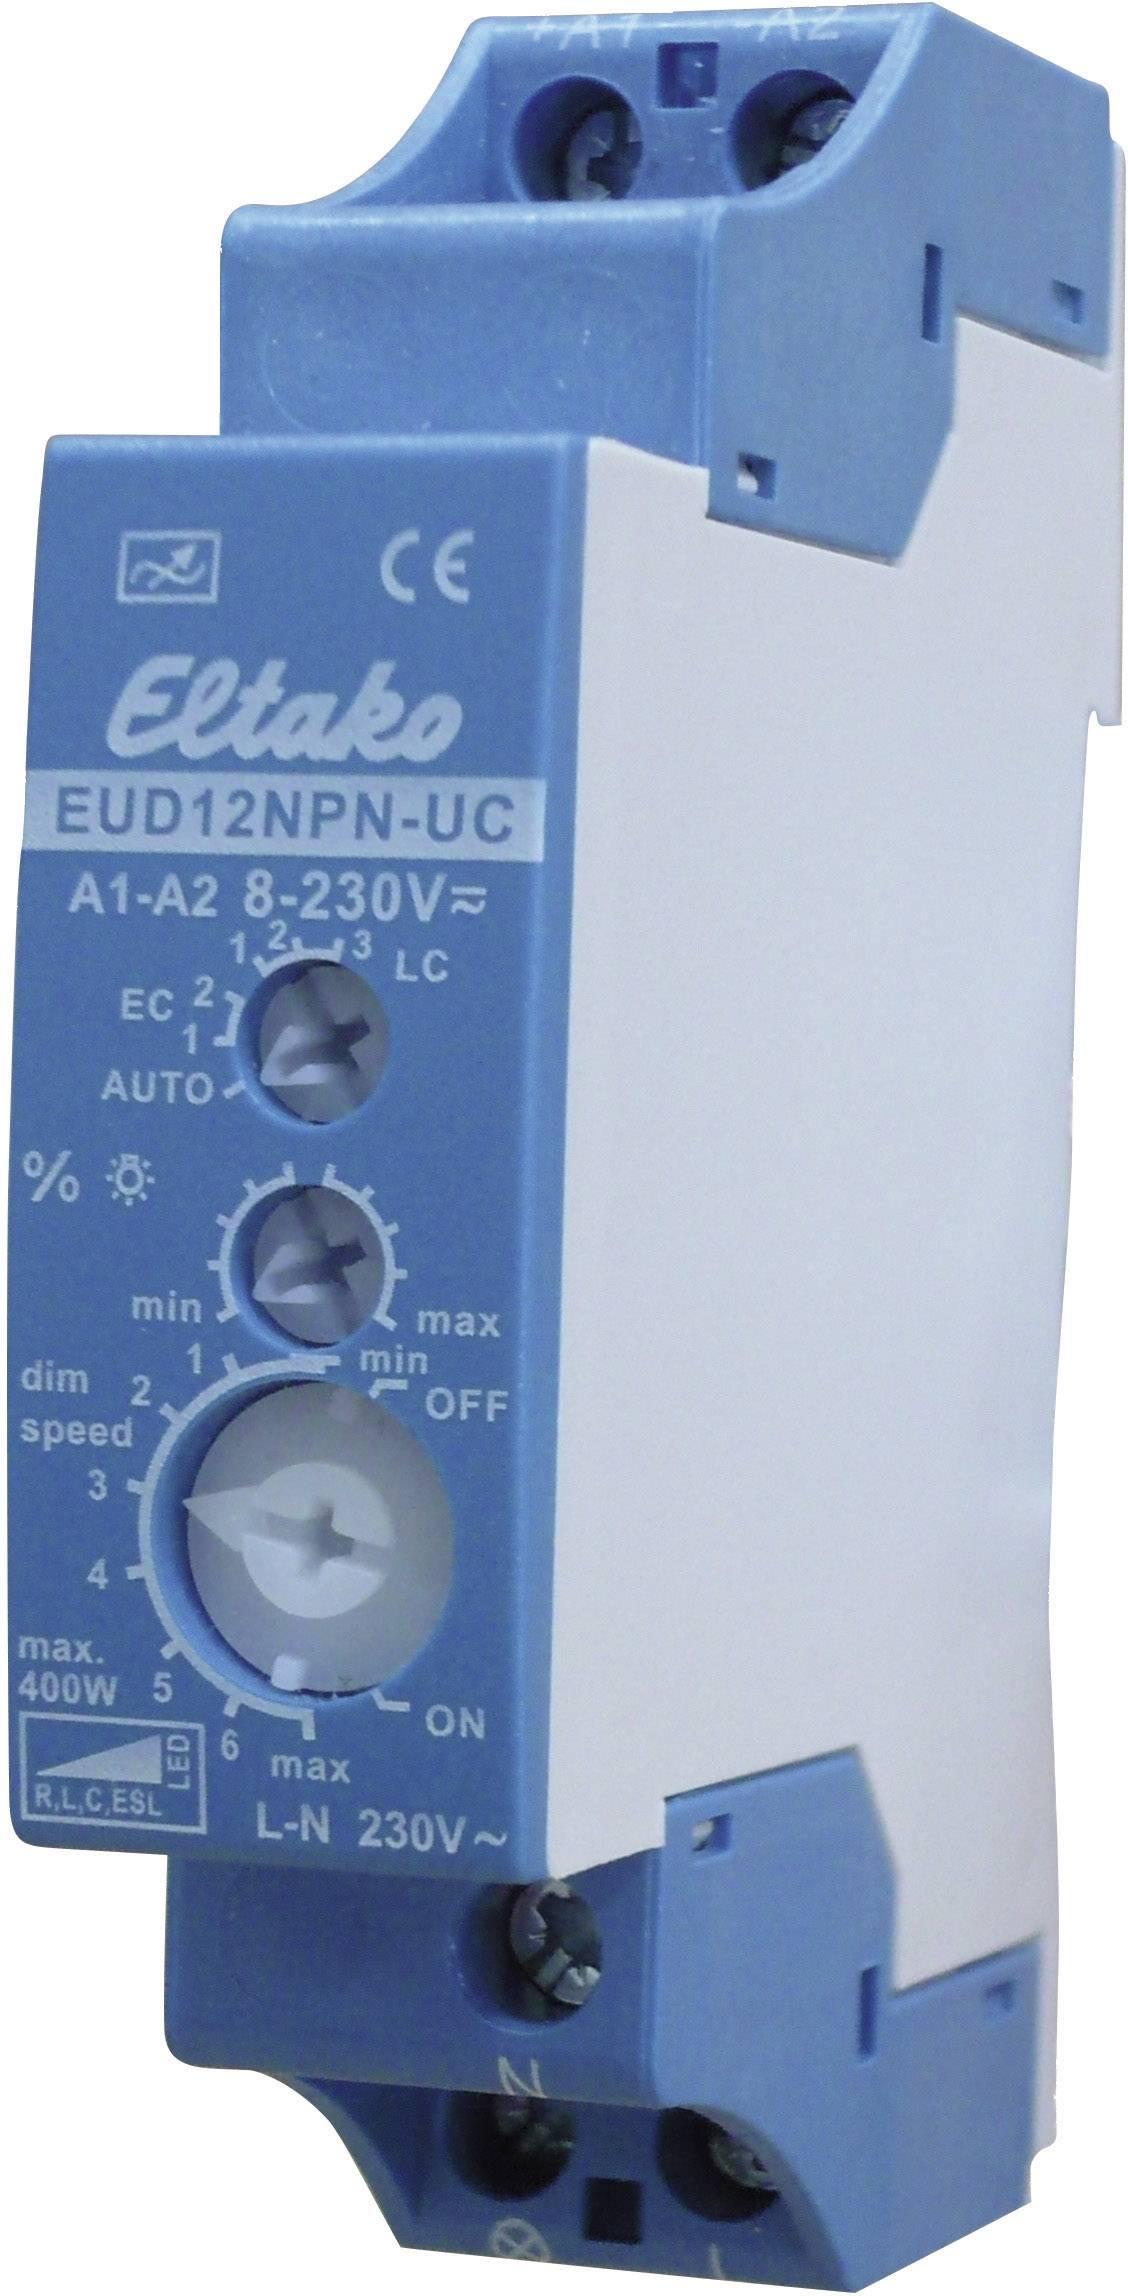 Eltako Eud12npn Uc Din Rail Dimmer Geschikt Voor Lampen Gloeilamp Spaarlamp Halogeenlamp Tl Buis Led Lamp Blauw Gri